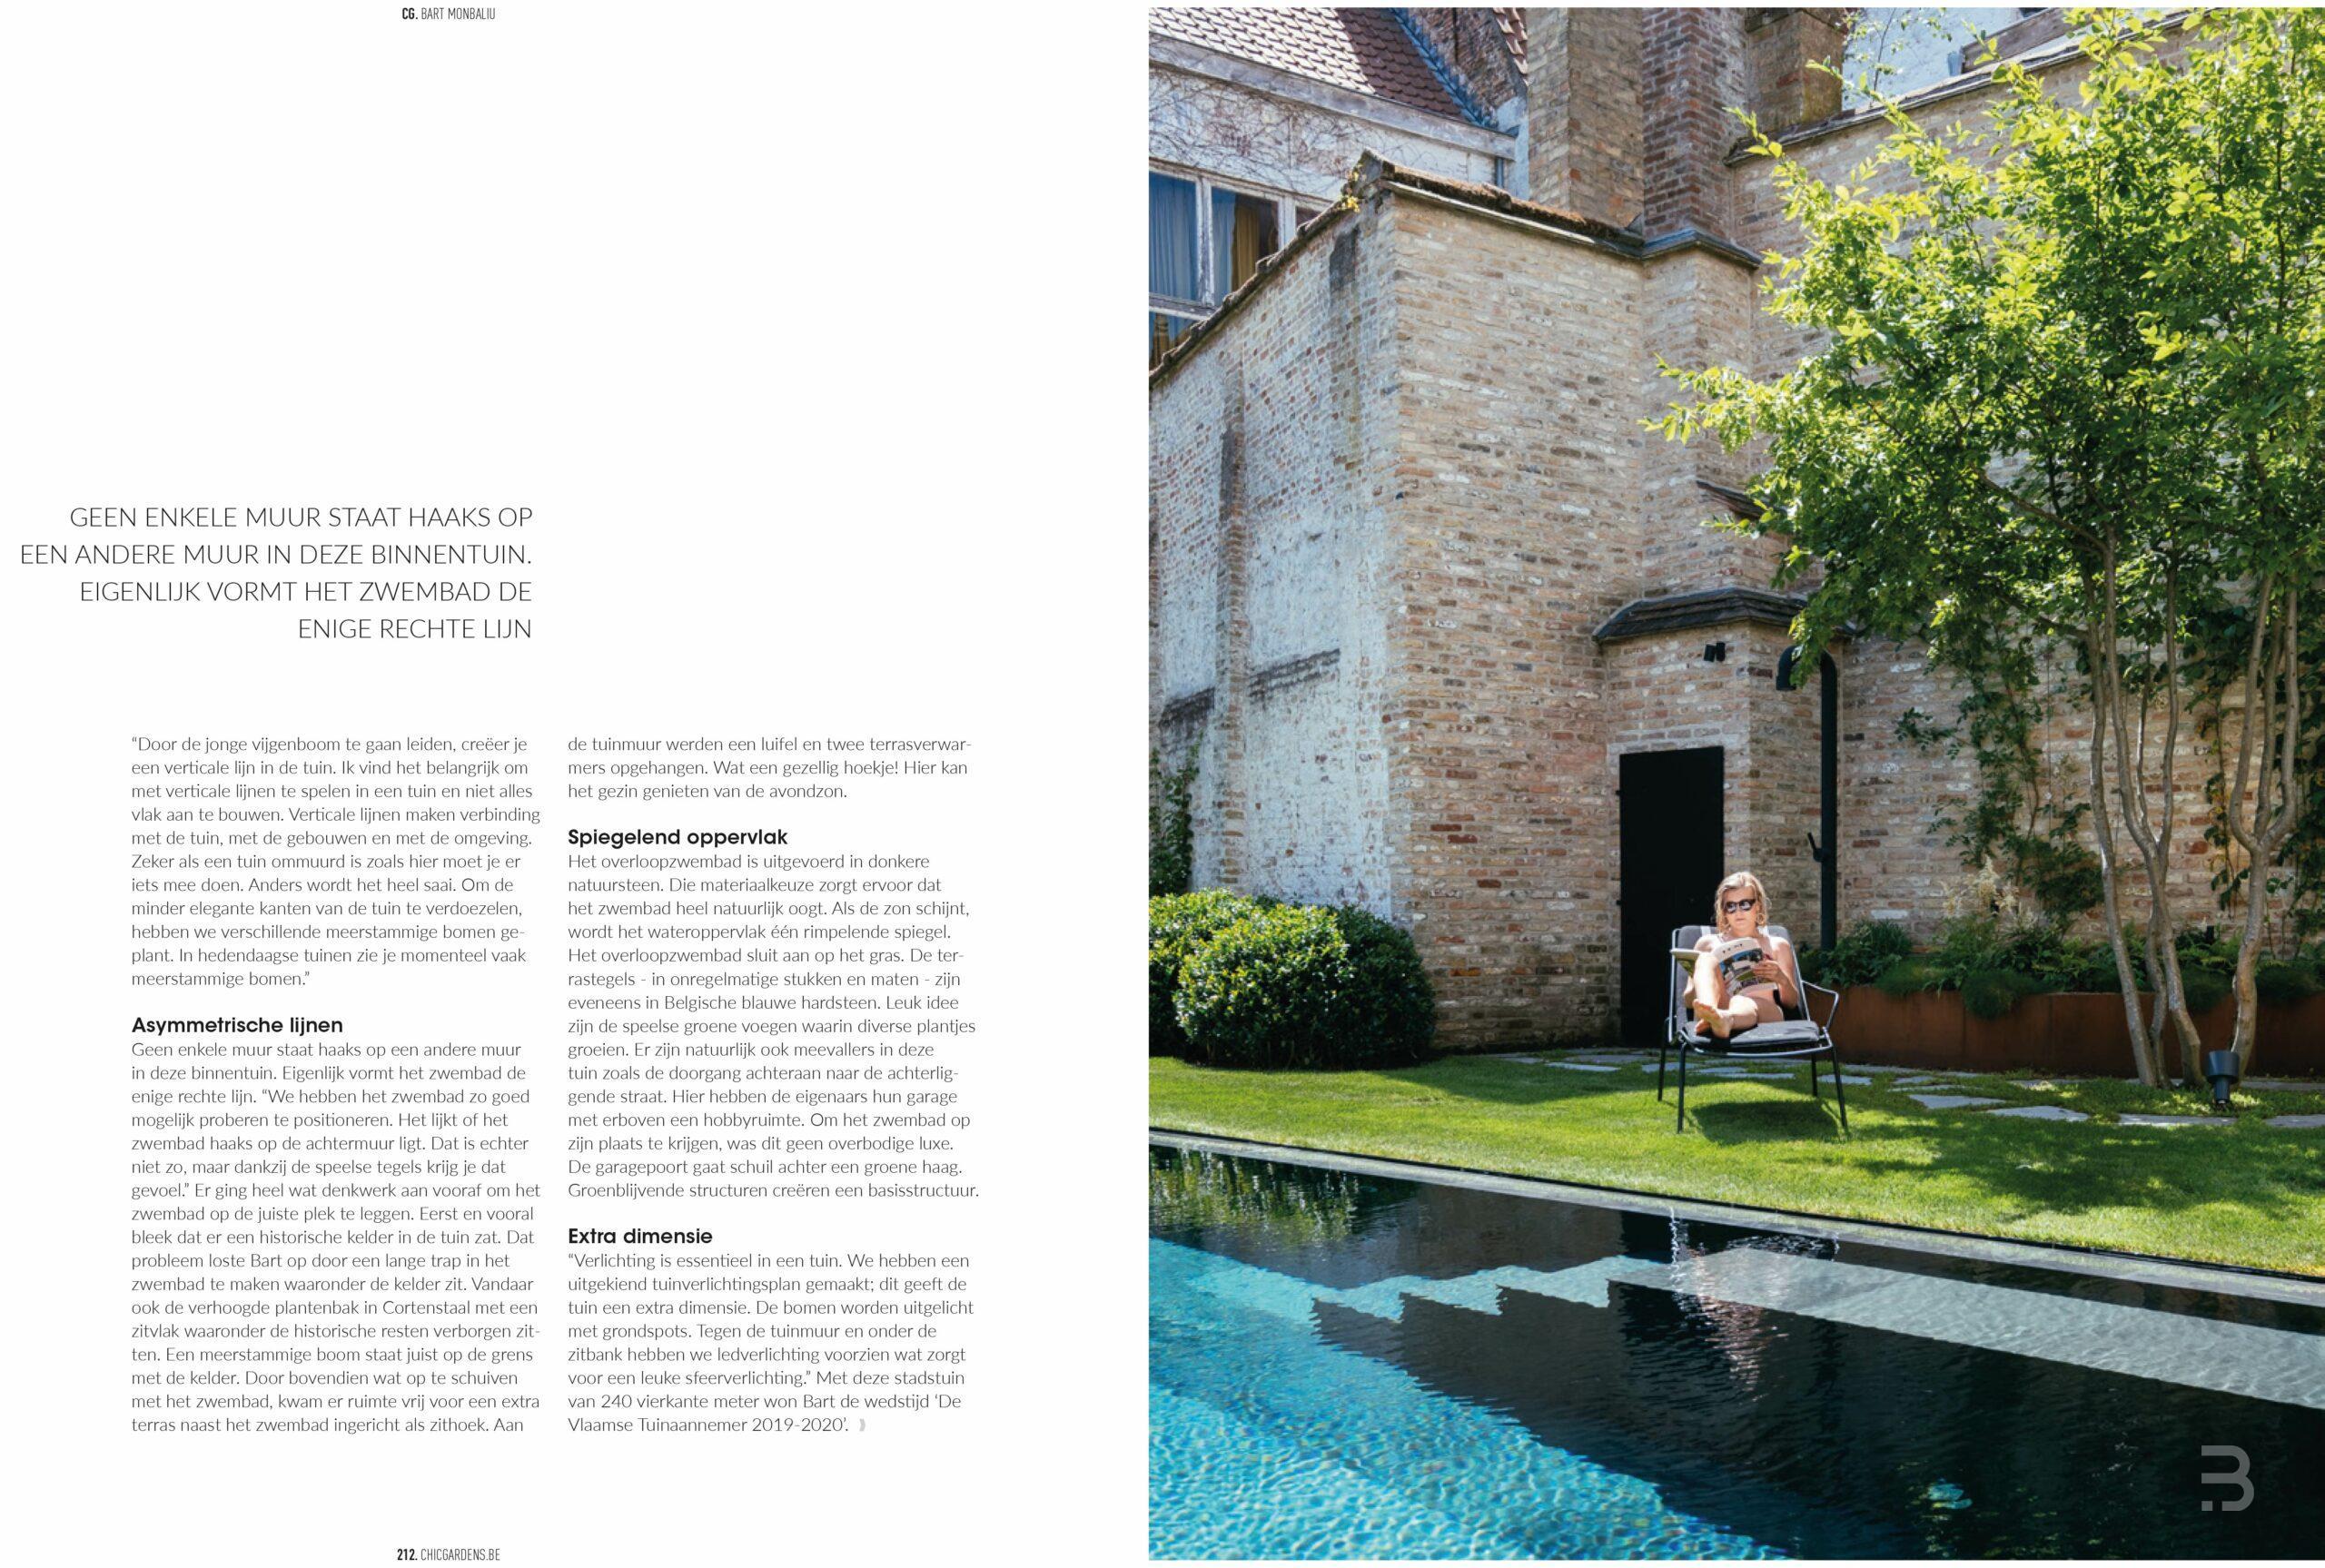 Afbeelding nieuwsitem Chic Gardens – Waar zijn we… in Toscane, Zuid-Frankrijk of ..?